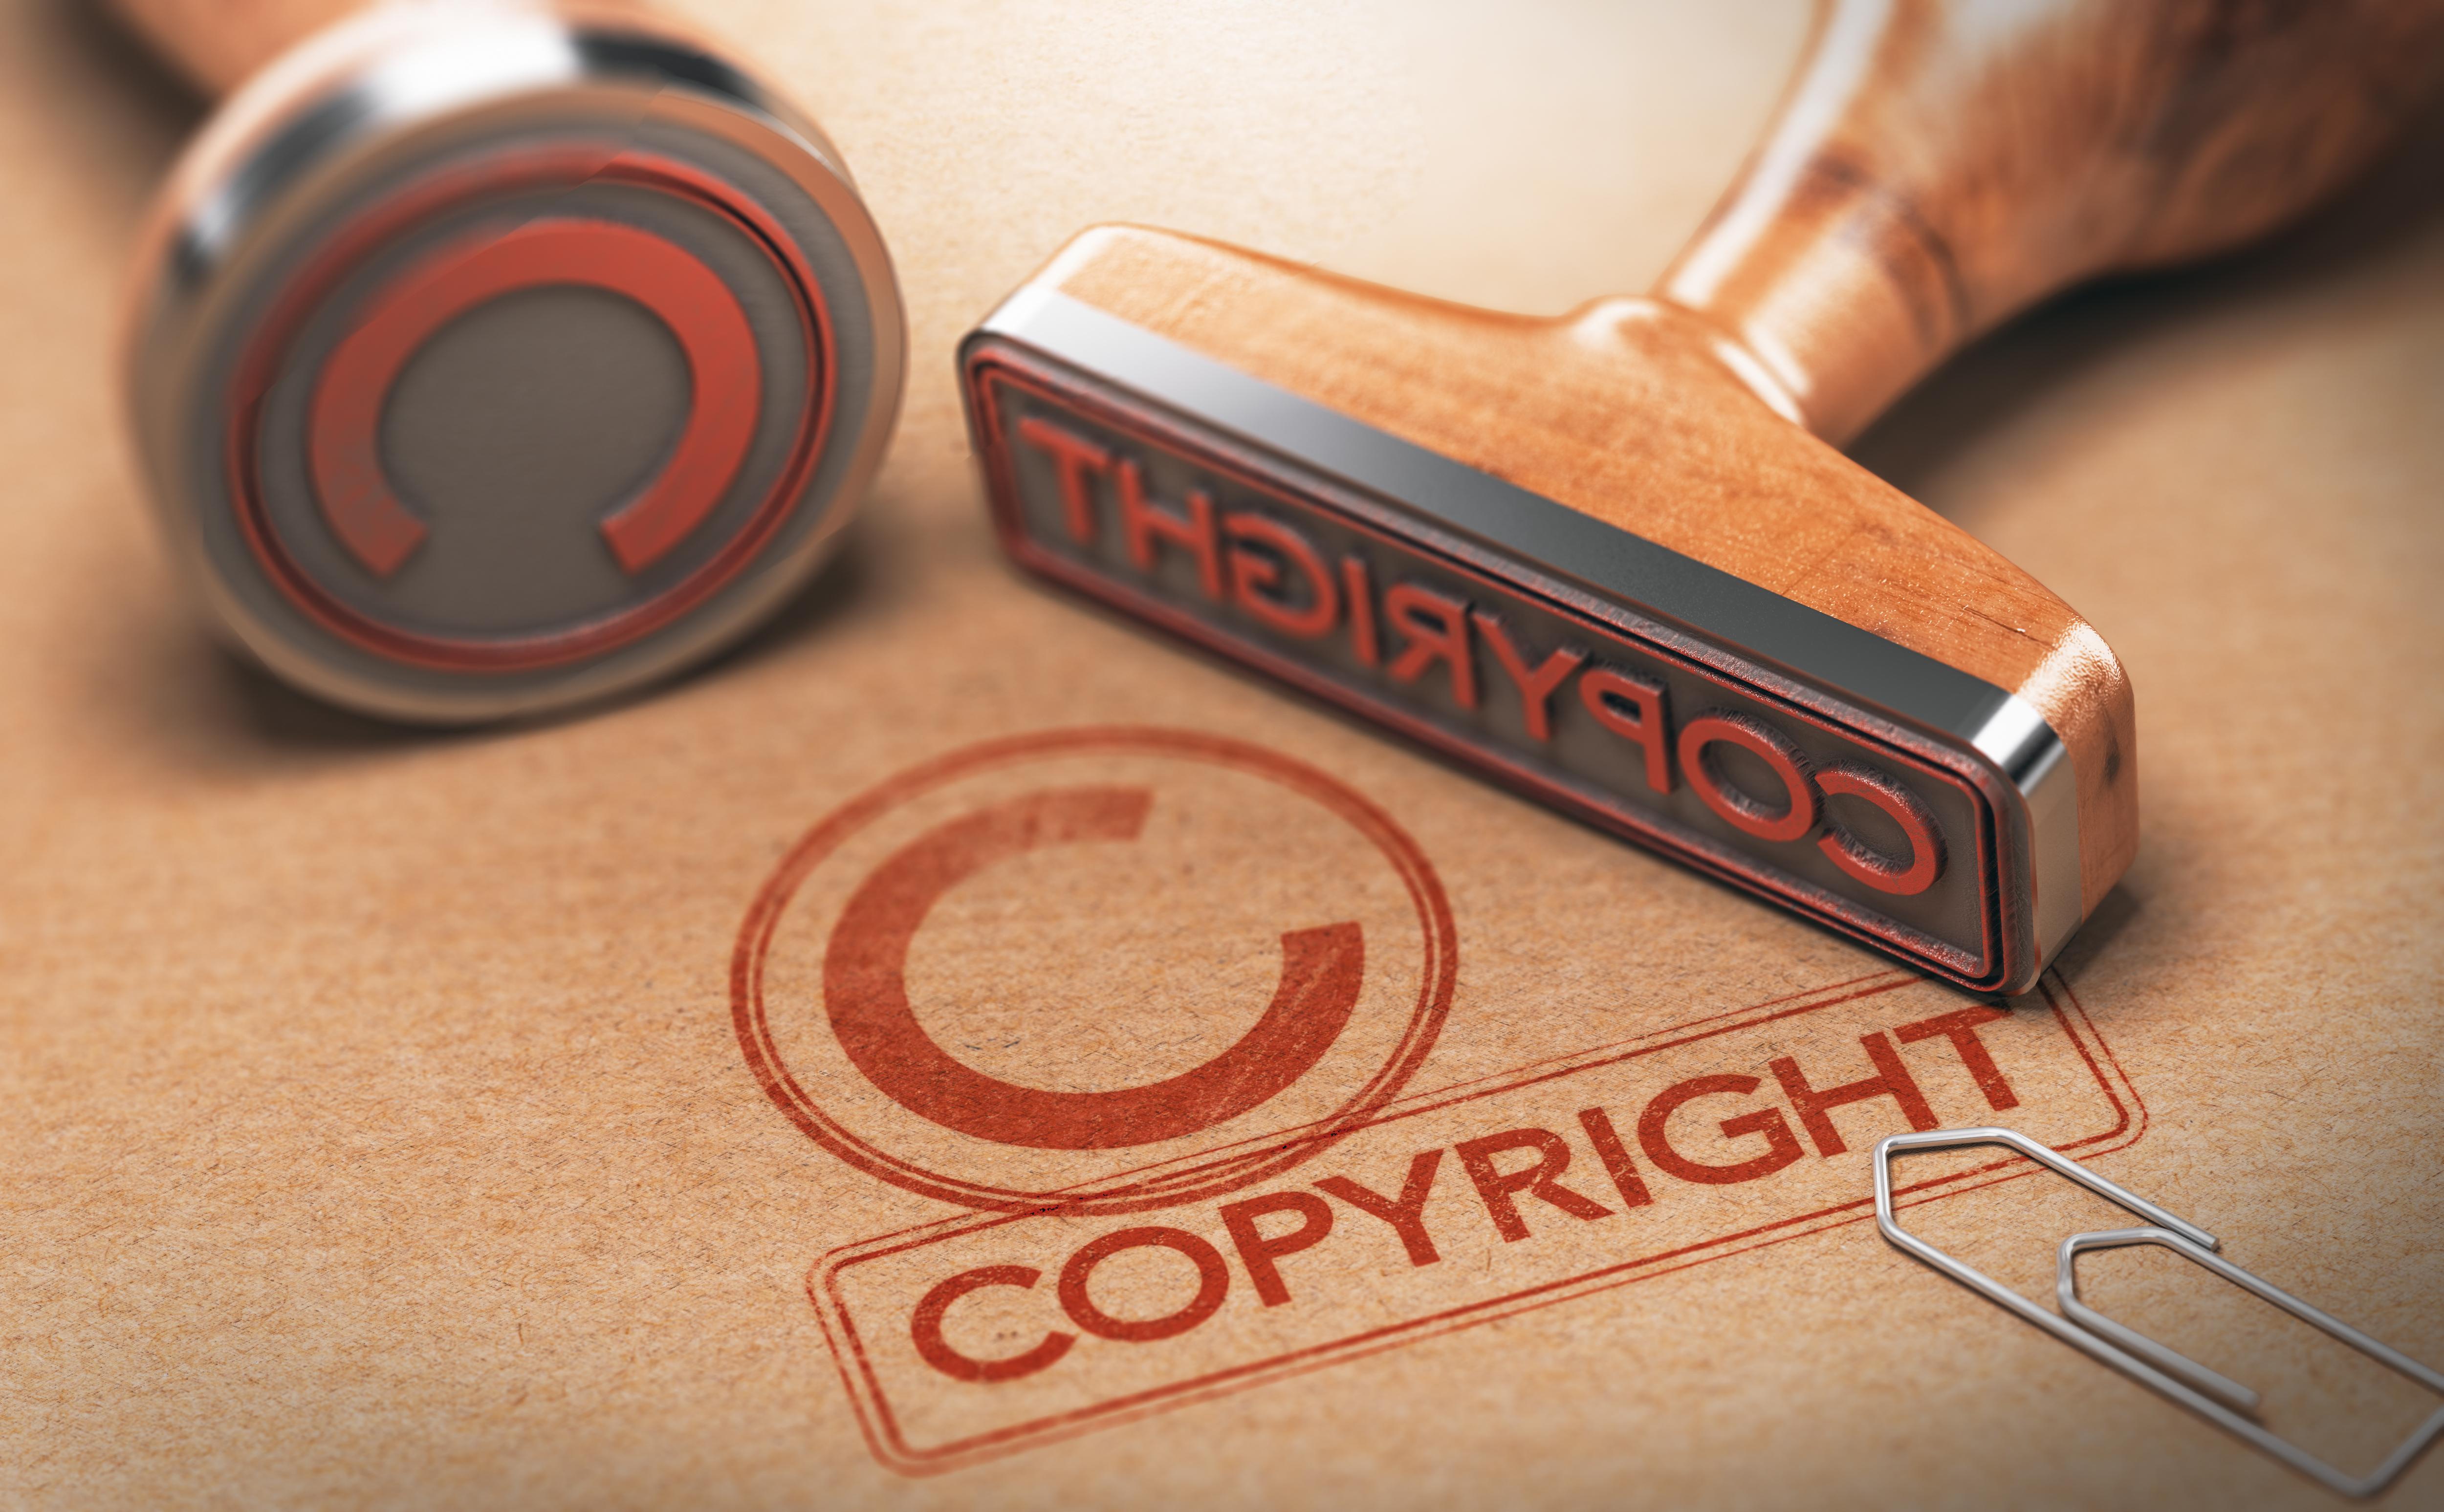 著作権とは著作物のひとに与えられる権利